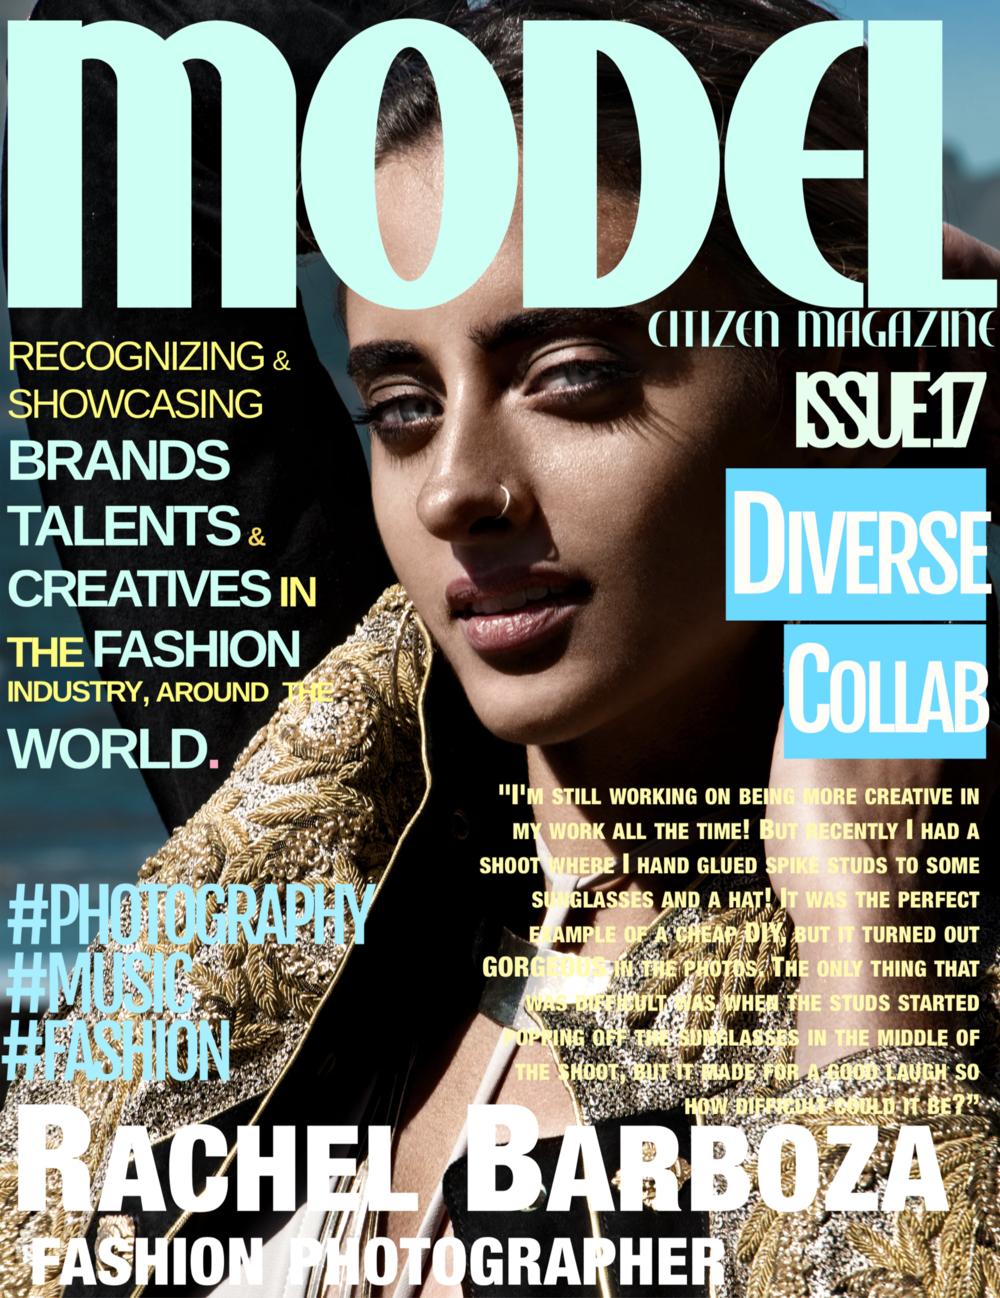 modelcitizenmagazineissue17.png